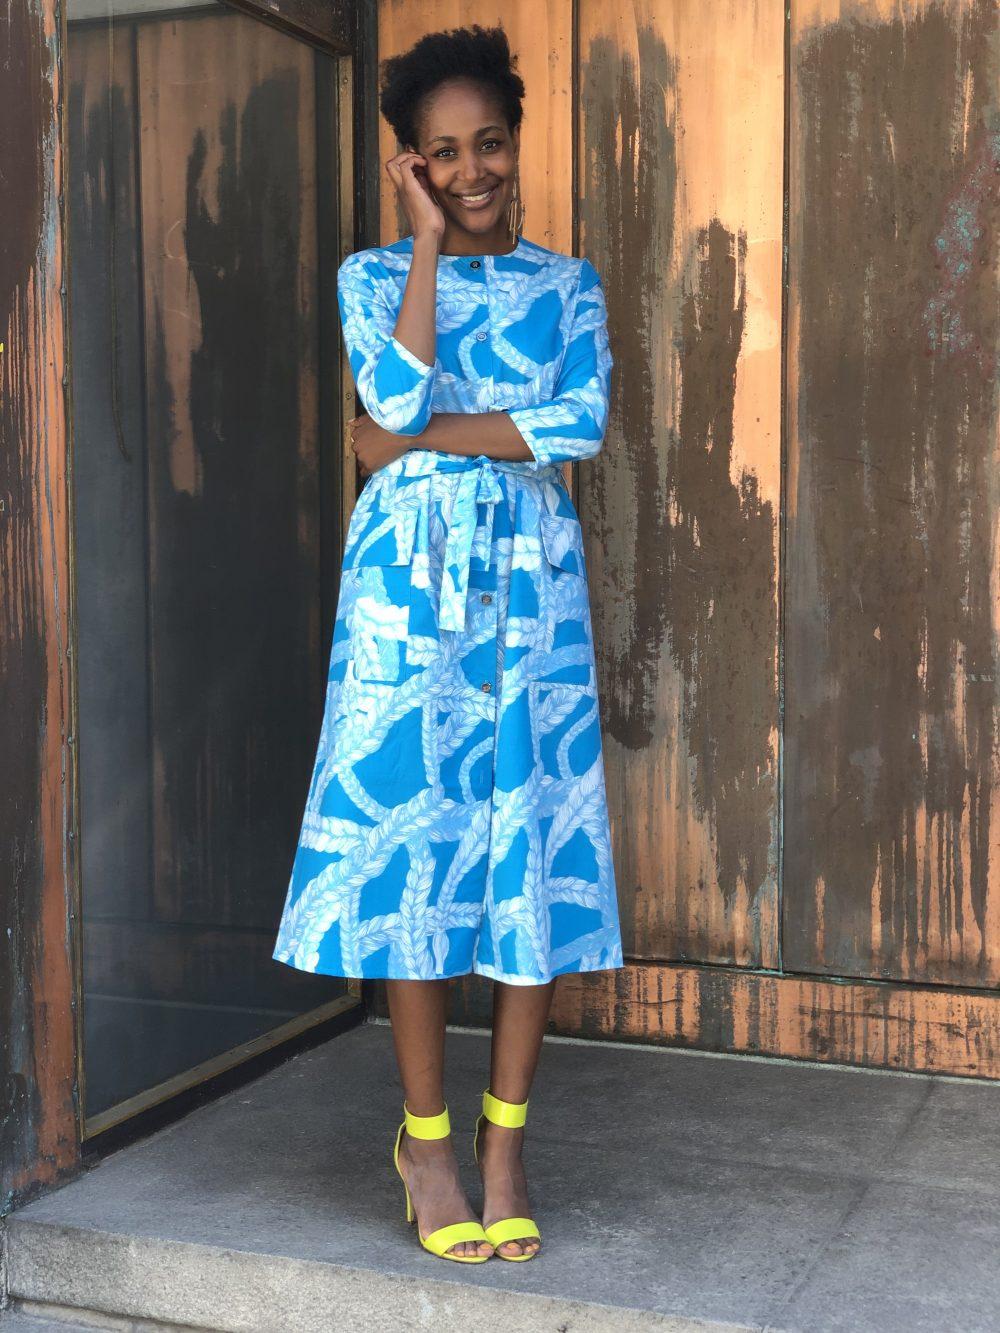 Vimma Dress LILJA new Letti ice XS-L - braid, Dress, ice, LILJA new, XS-L